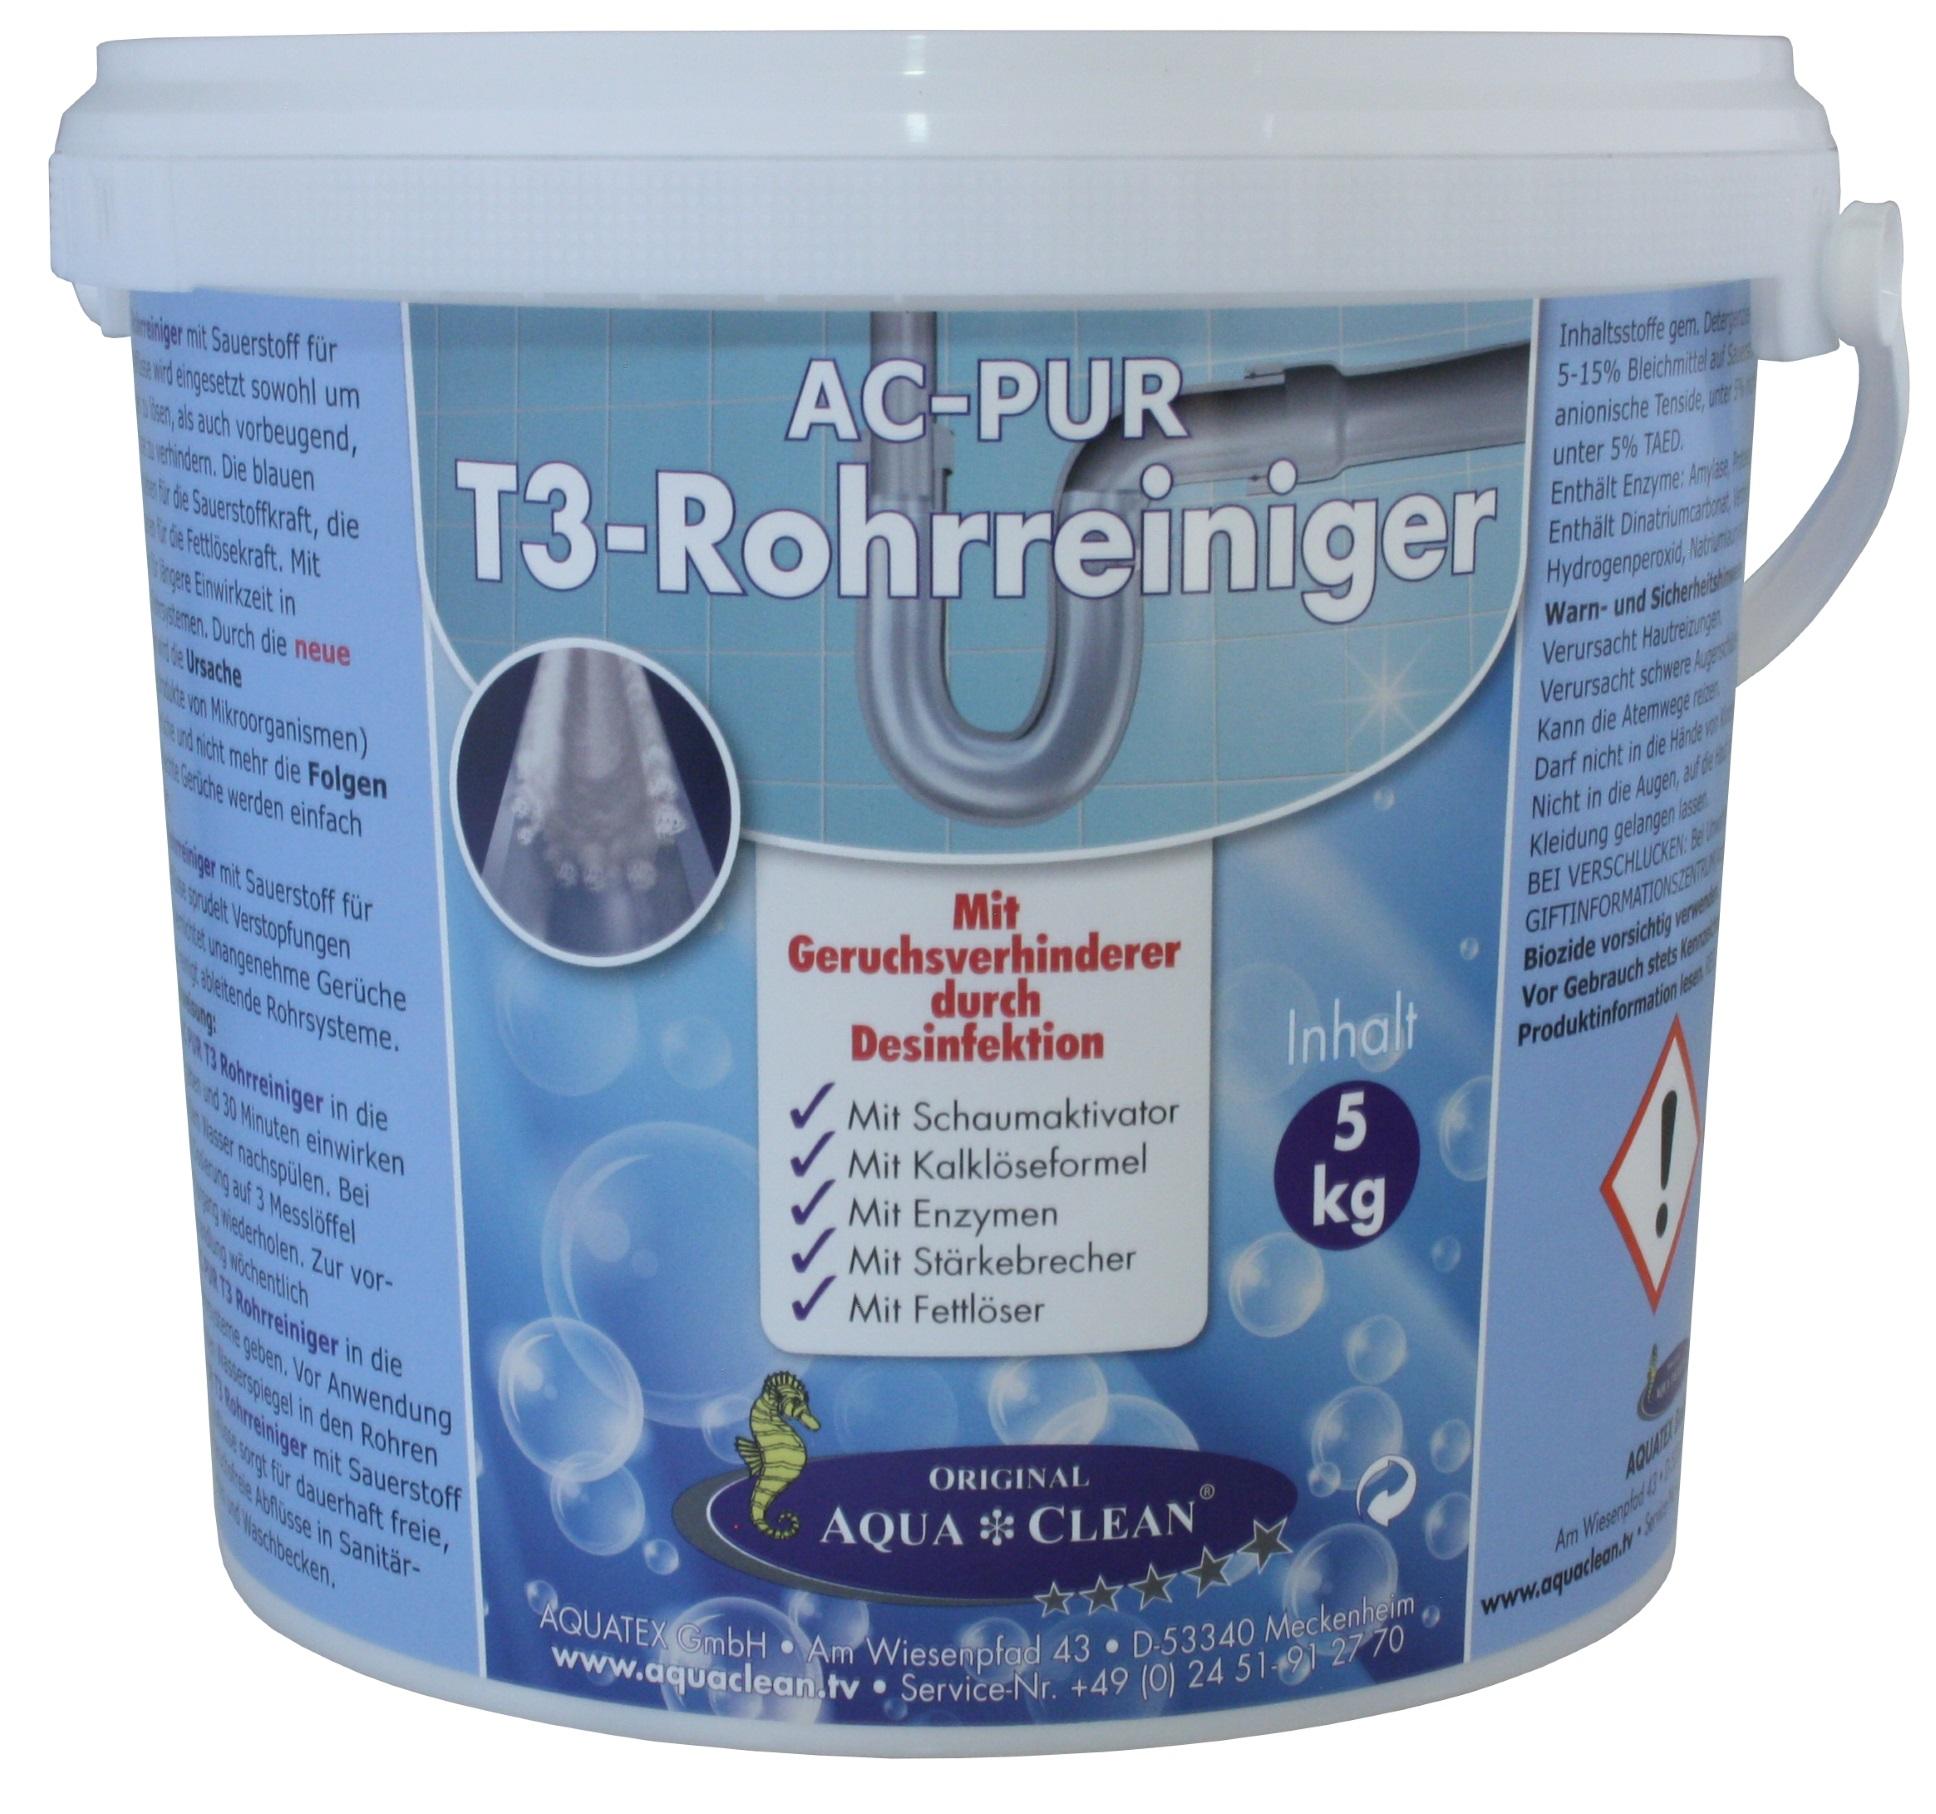 aqua clean pur t3 rohrreiniger 5 kg mit geruchsverhinderer durch desinfektion aqua clean. Black Bedroom Furniture Sets. Home Design Ideas